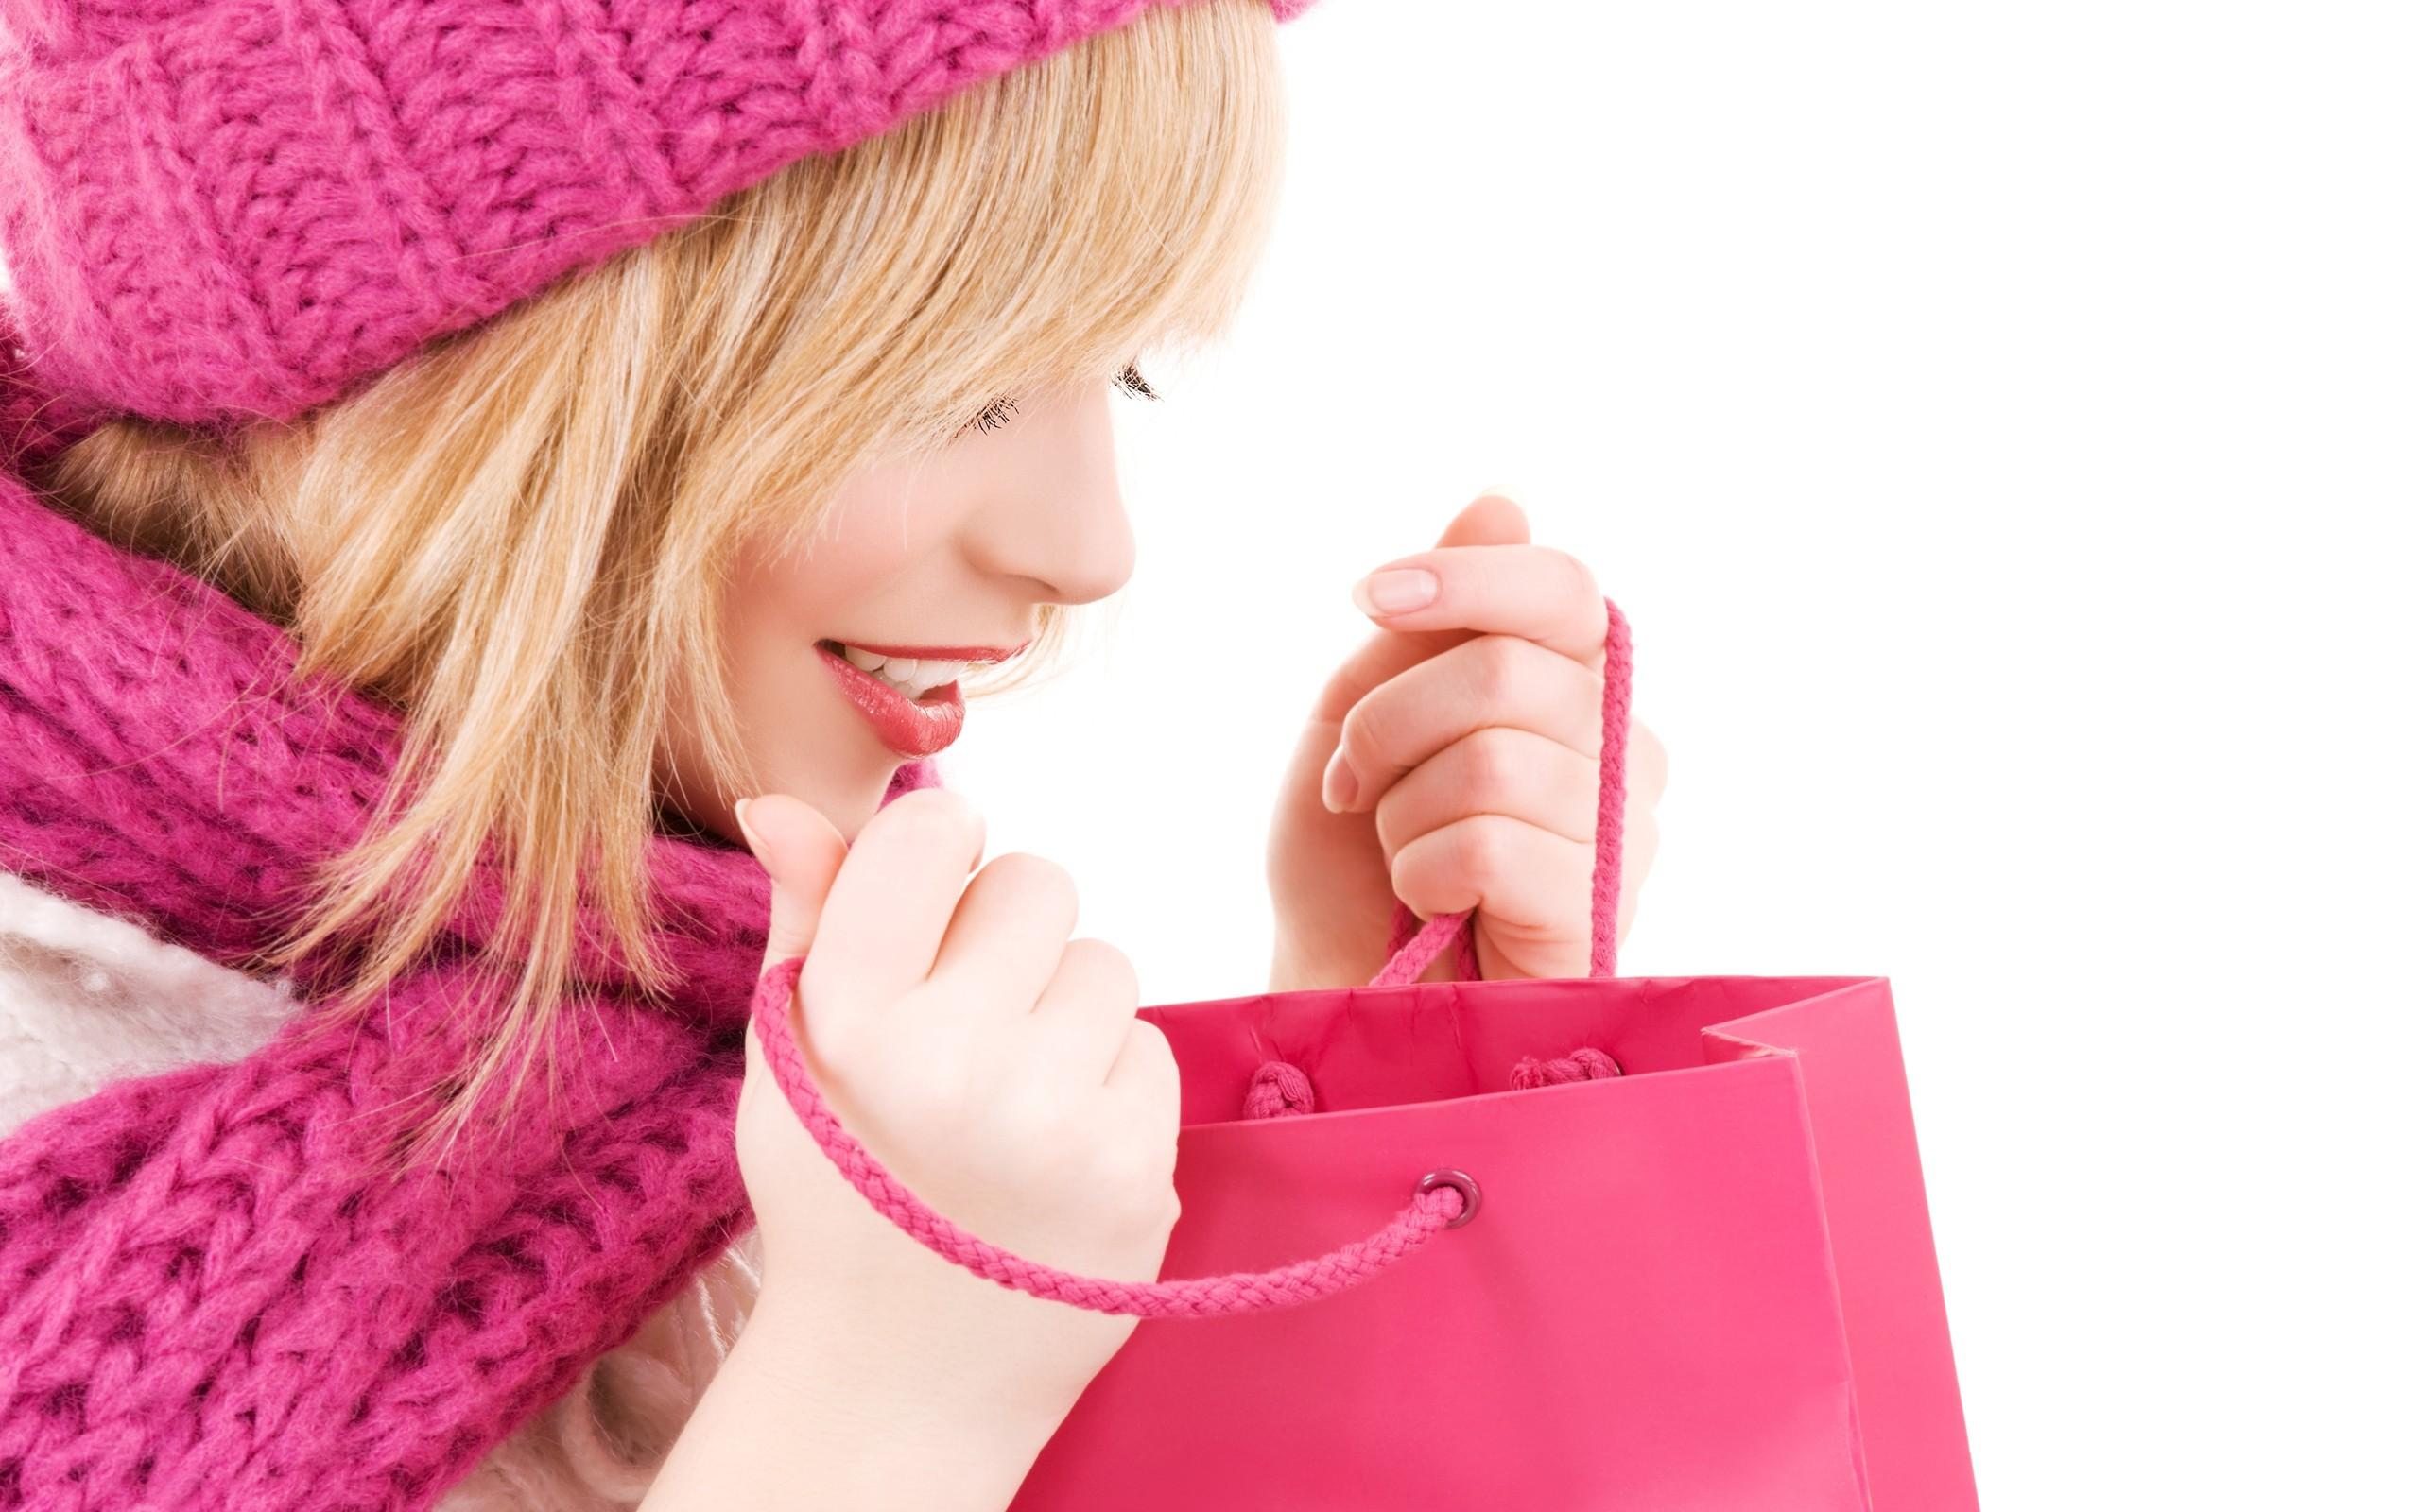 Una rubia y una bolsa de regalo - 2560x1600